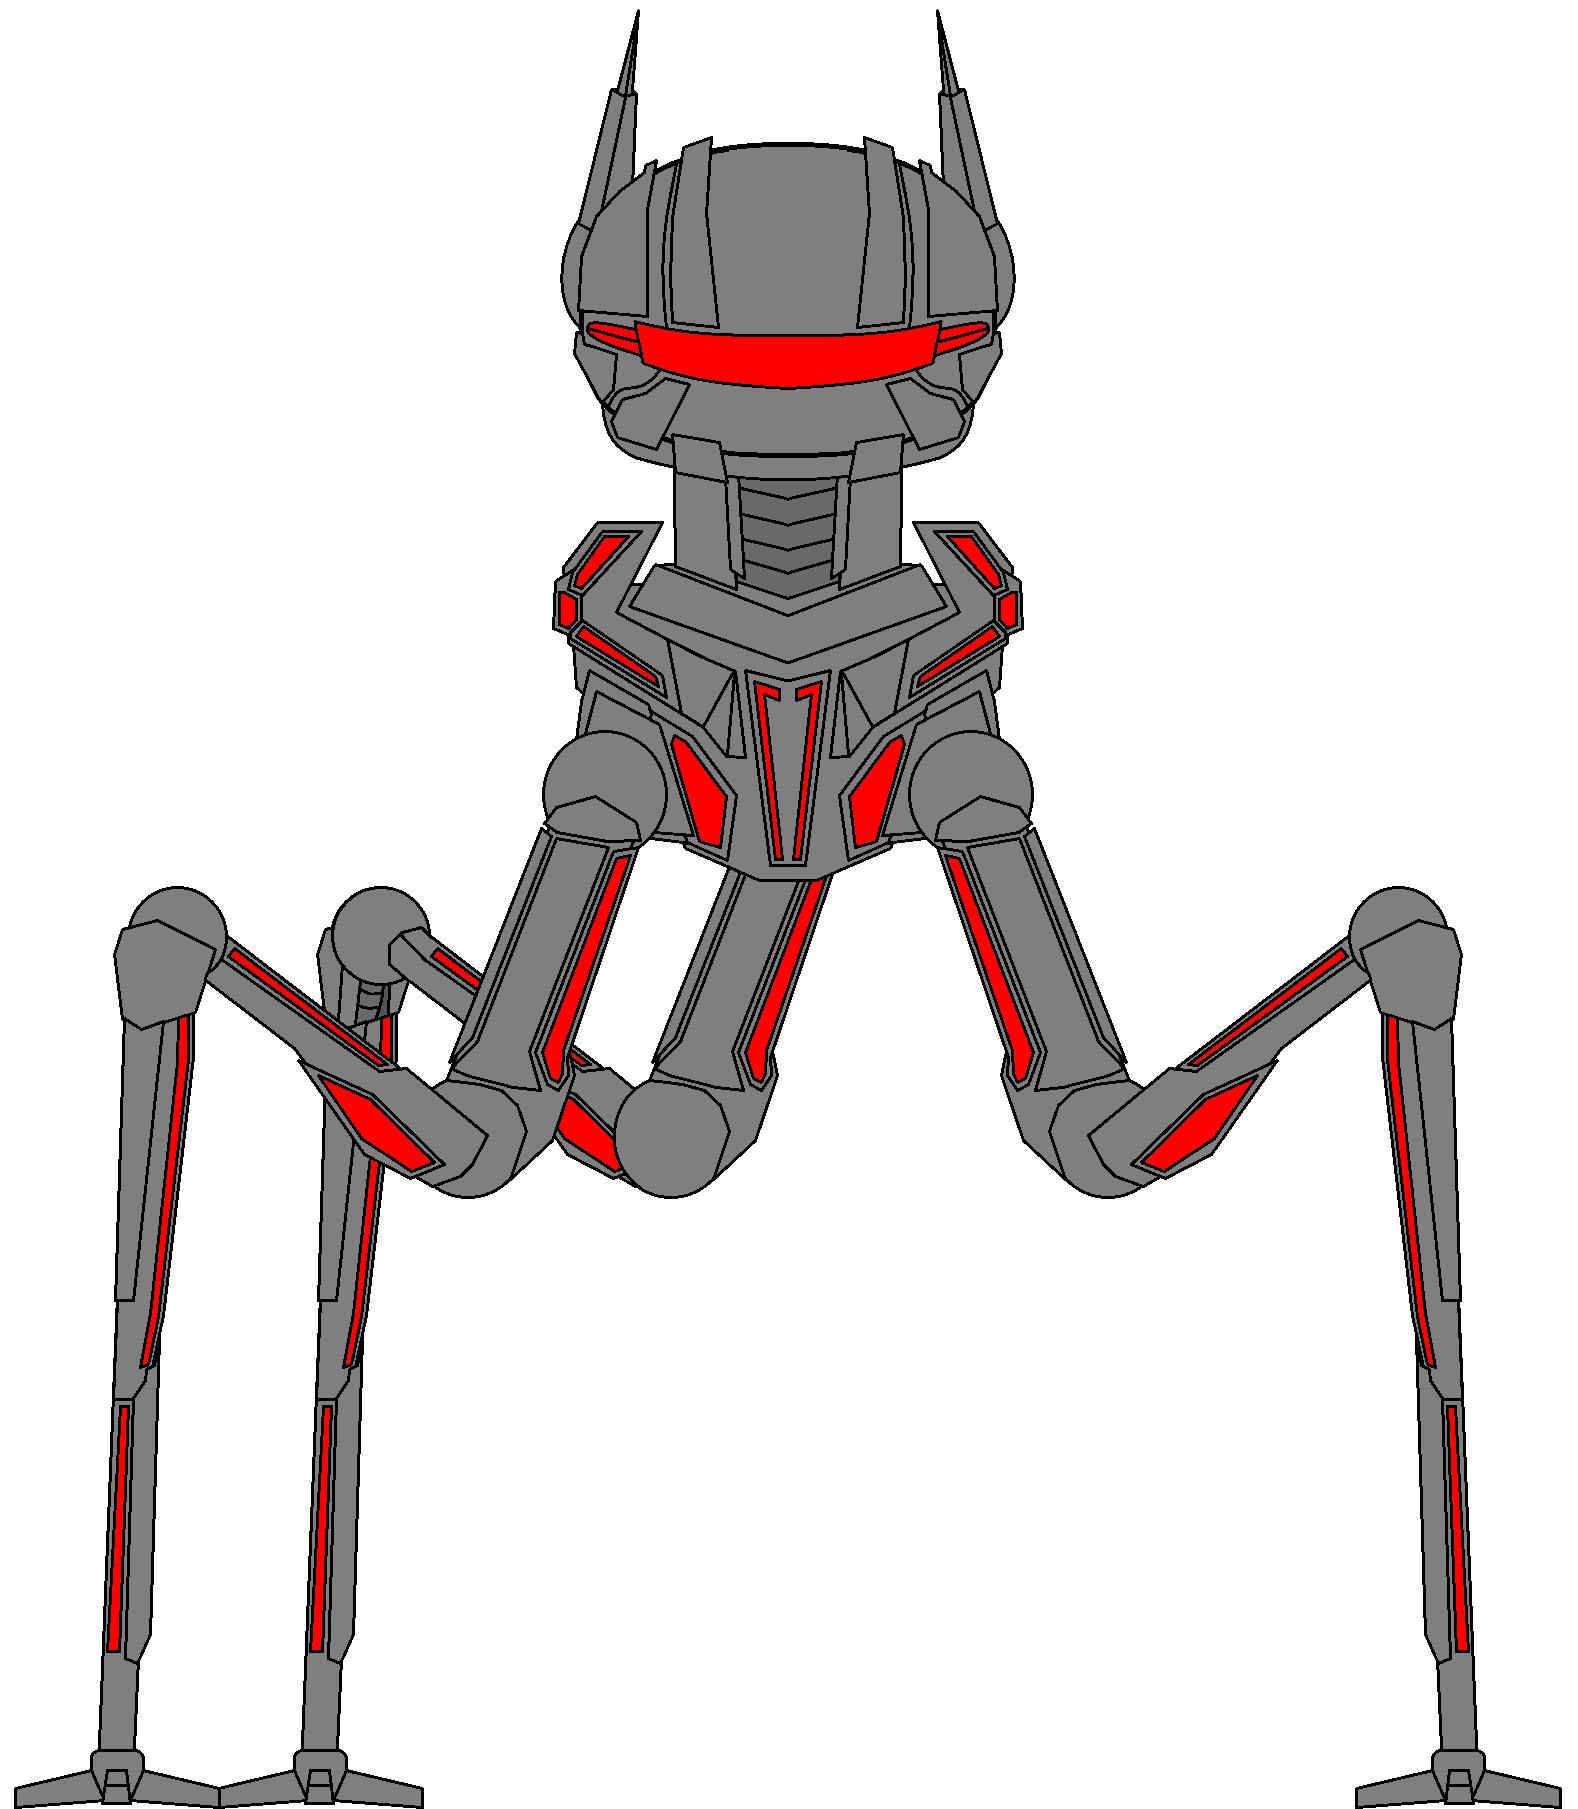 Martian Scouting Machine